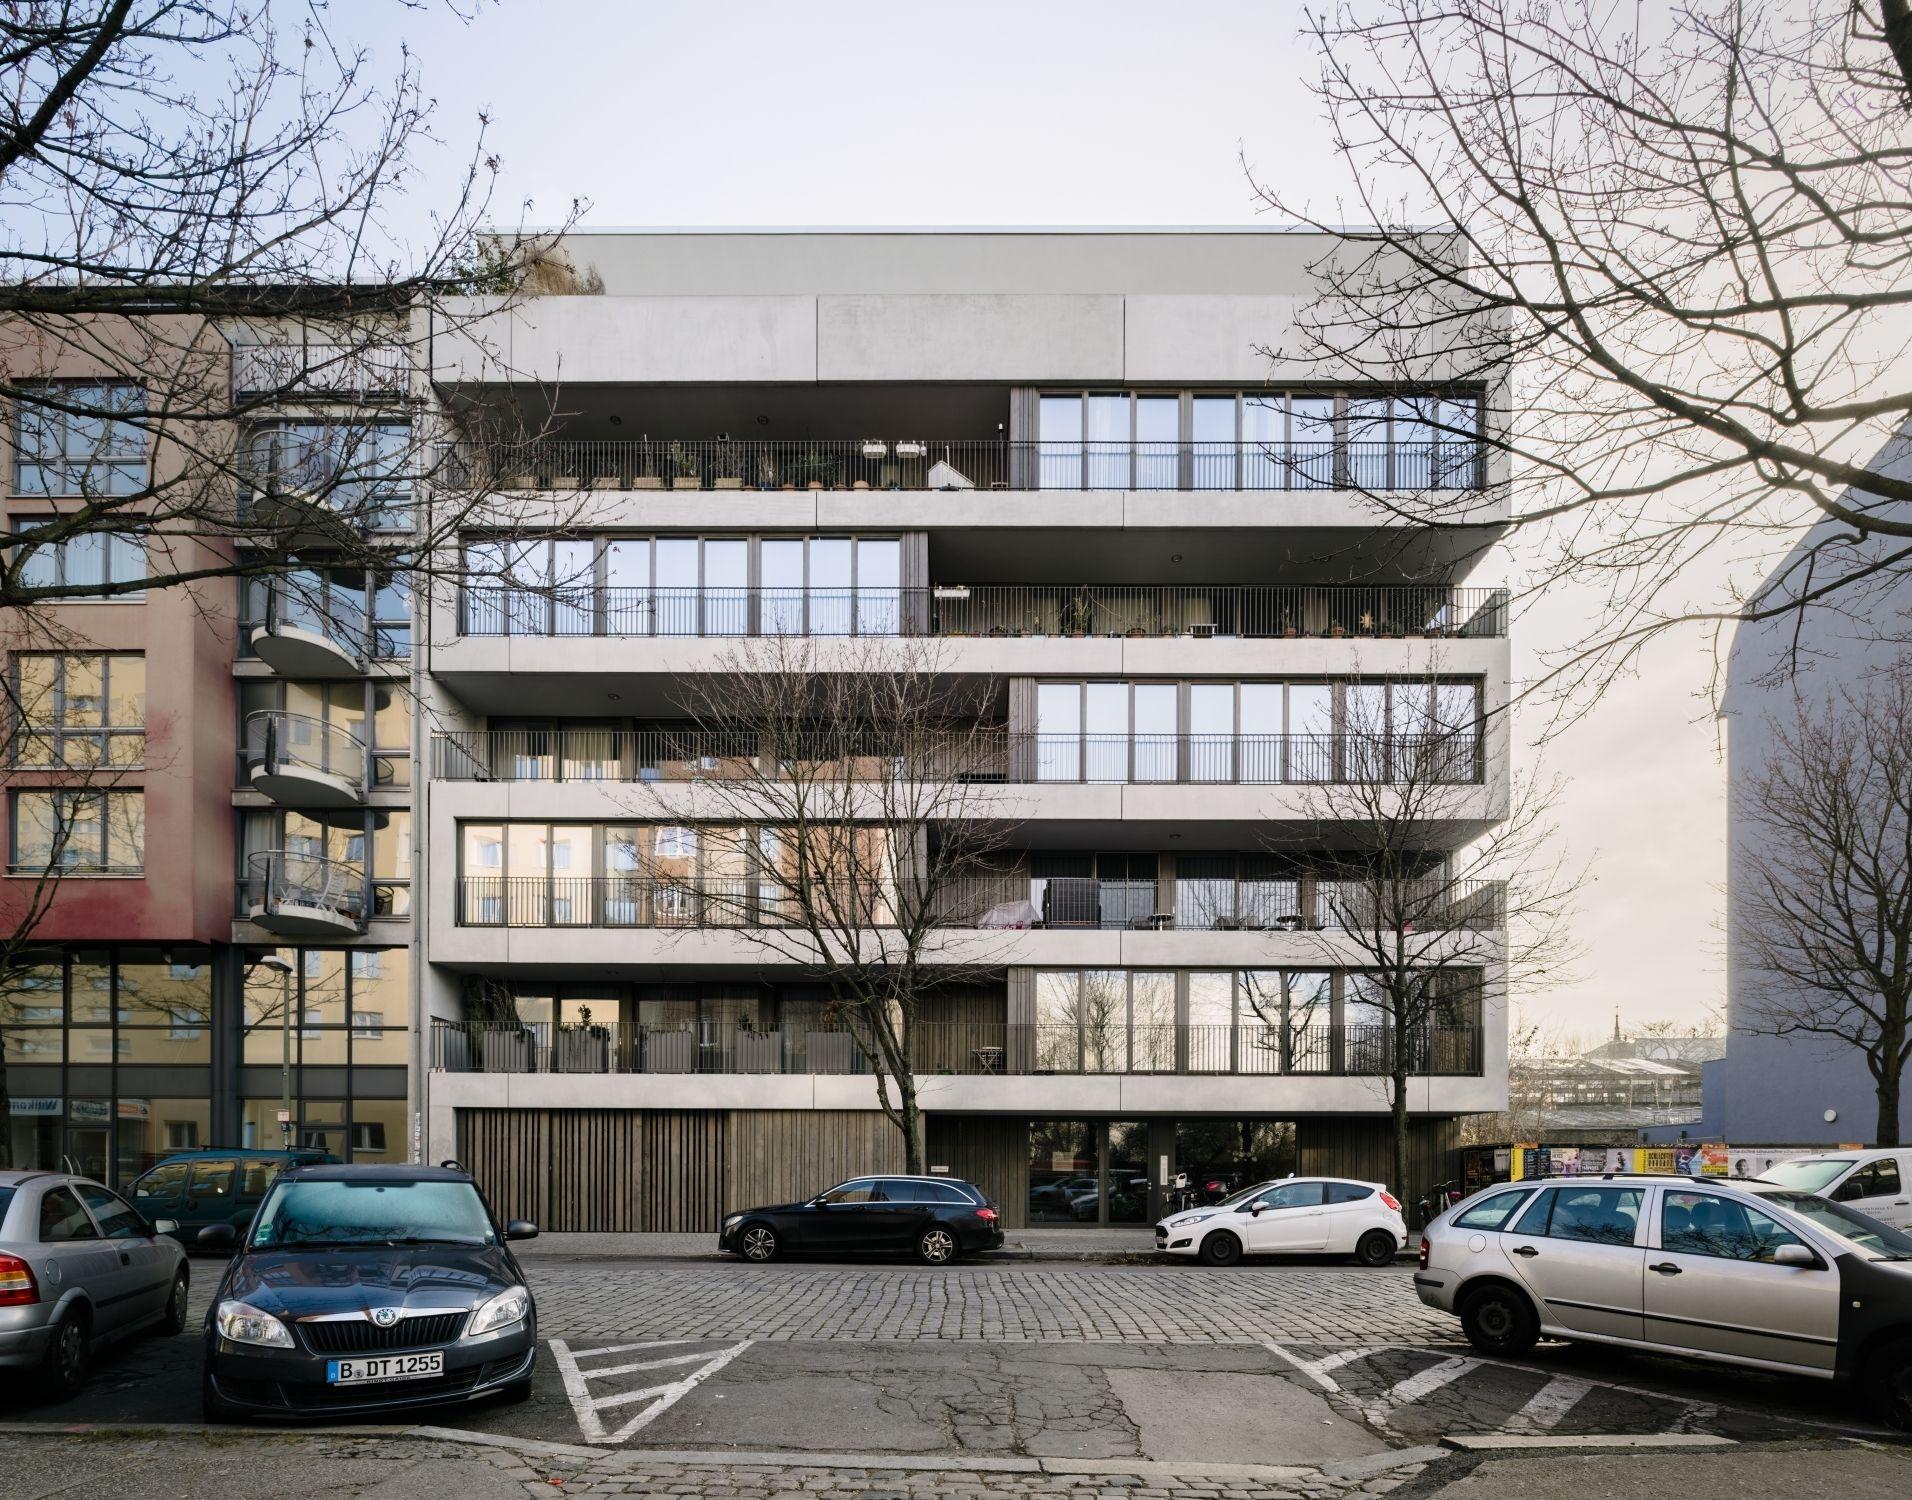 Geräumig Architekten In Berlin Sammlung Von Profil Im Z Von Zanderroth Architekten, D-10439